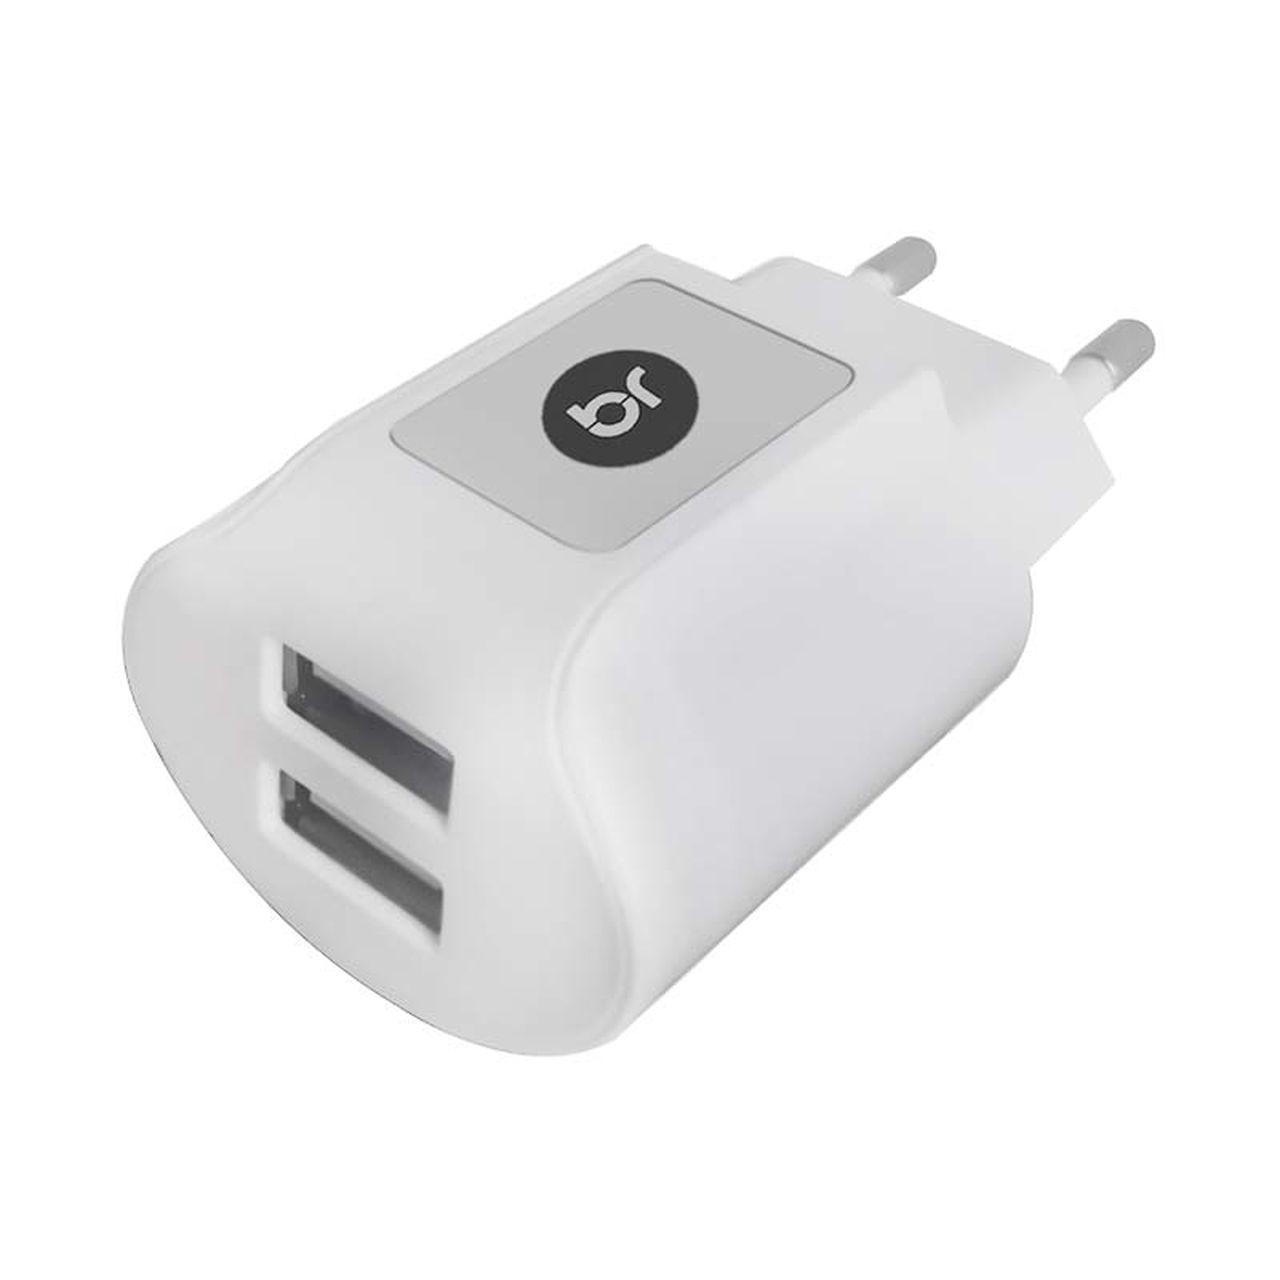 Carregador USB de Tomada com 2 portas USB Bivolt 377 - Bright  - BRIGHT